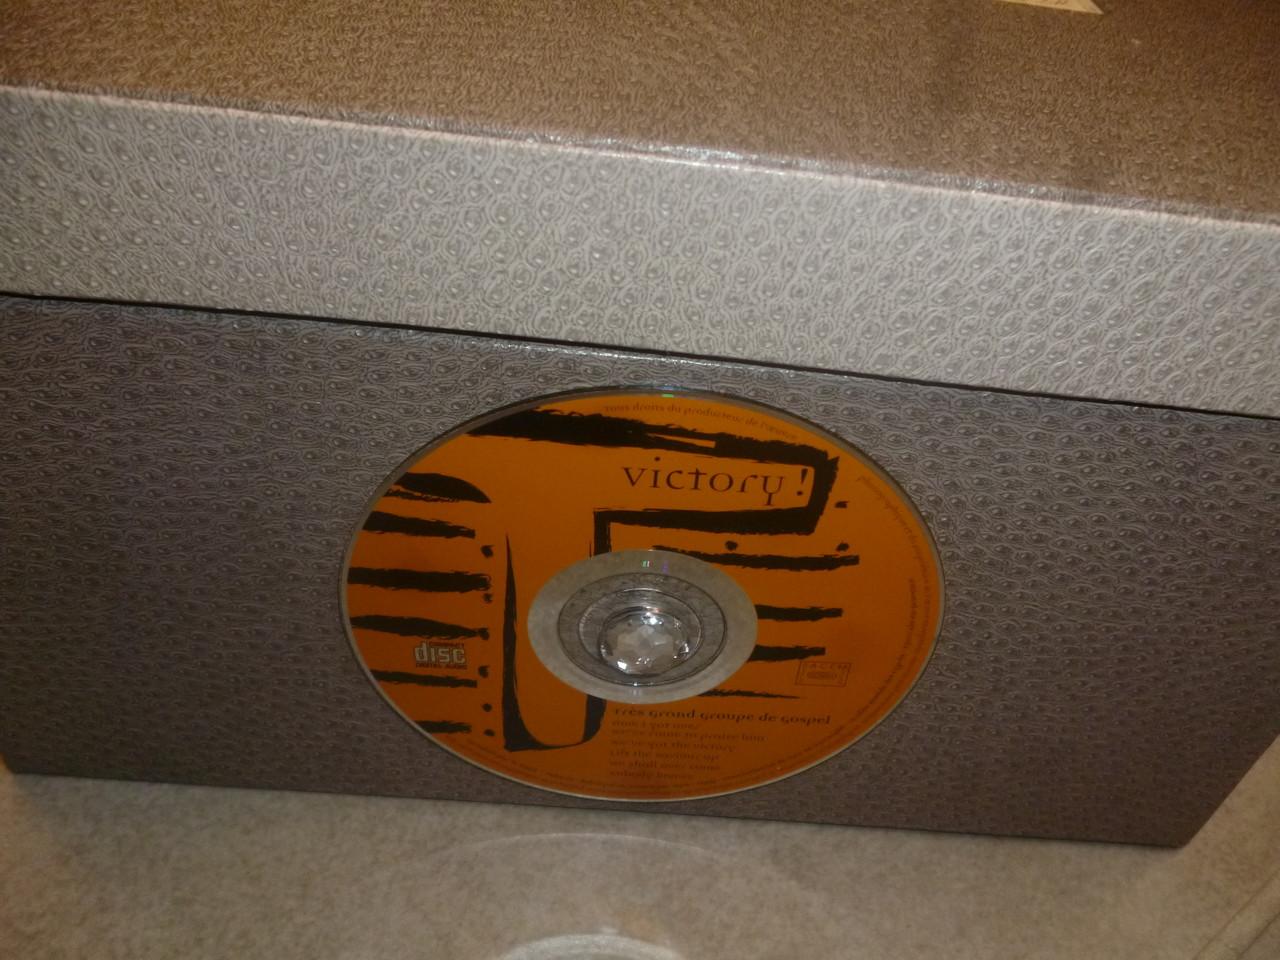 mise en place d'un petit bouton au milieu du cd